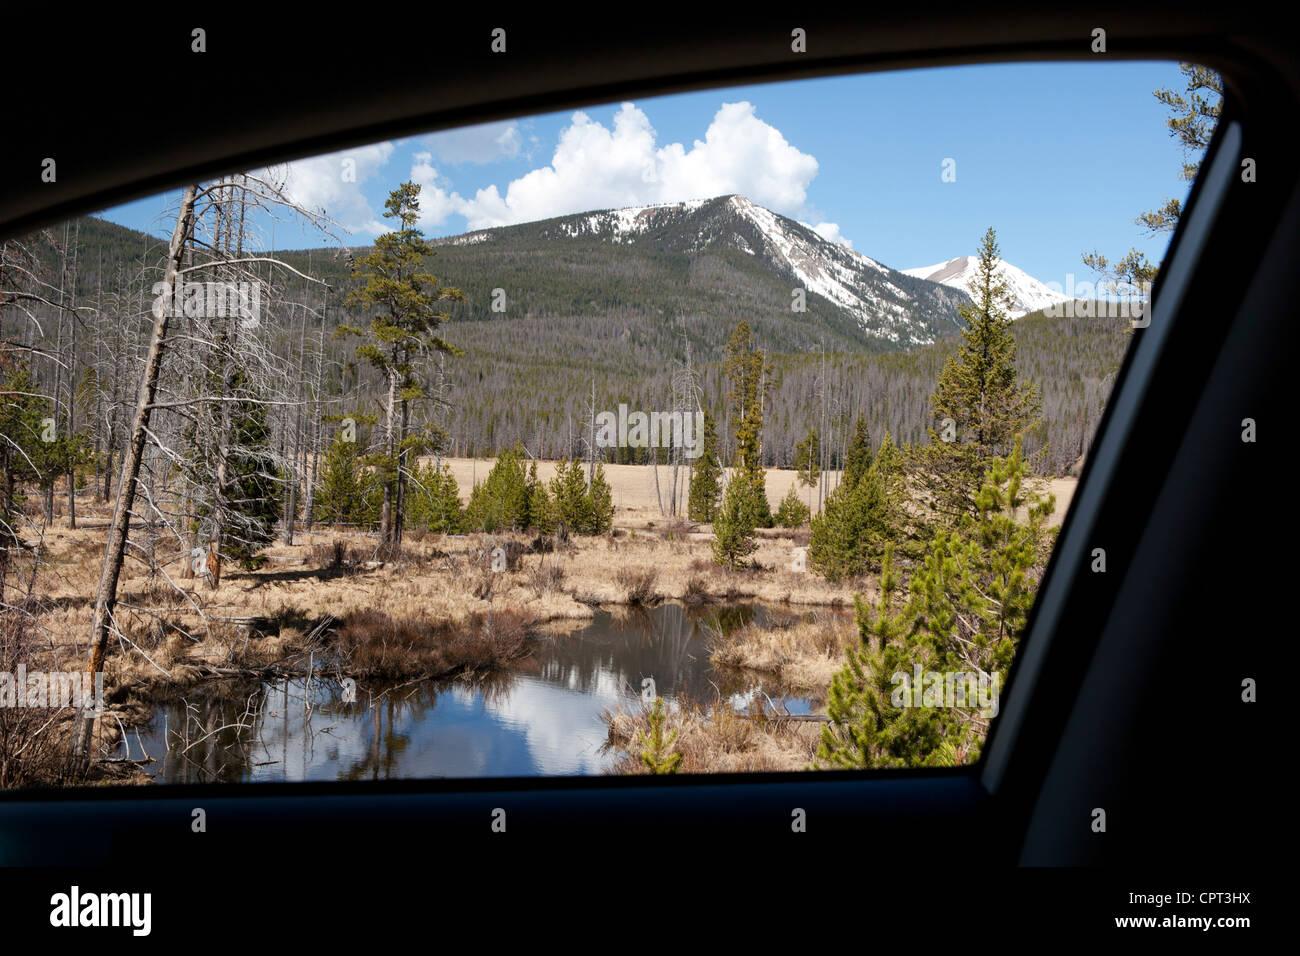 Vista del Parque Nacional de las Montañas Rocosas del paisaje desde car window - Grand Lake, en Colorado, EE.UU. Imagen De Stock